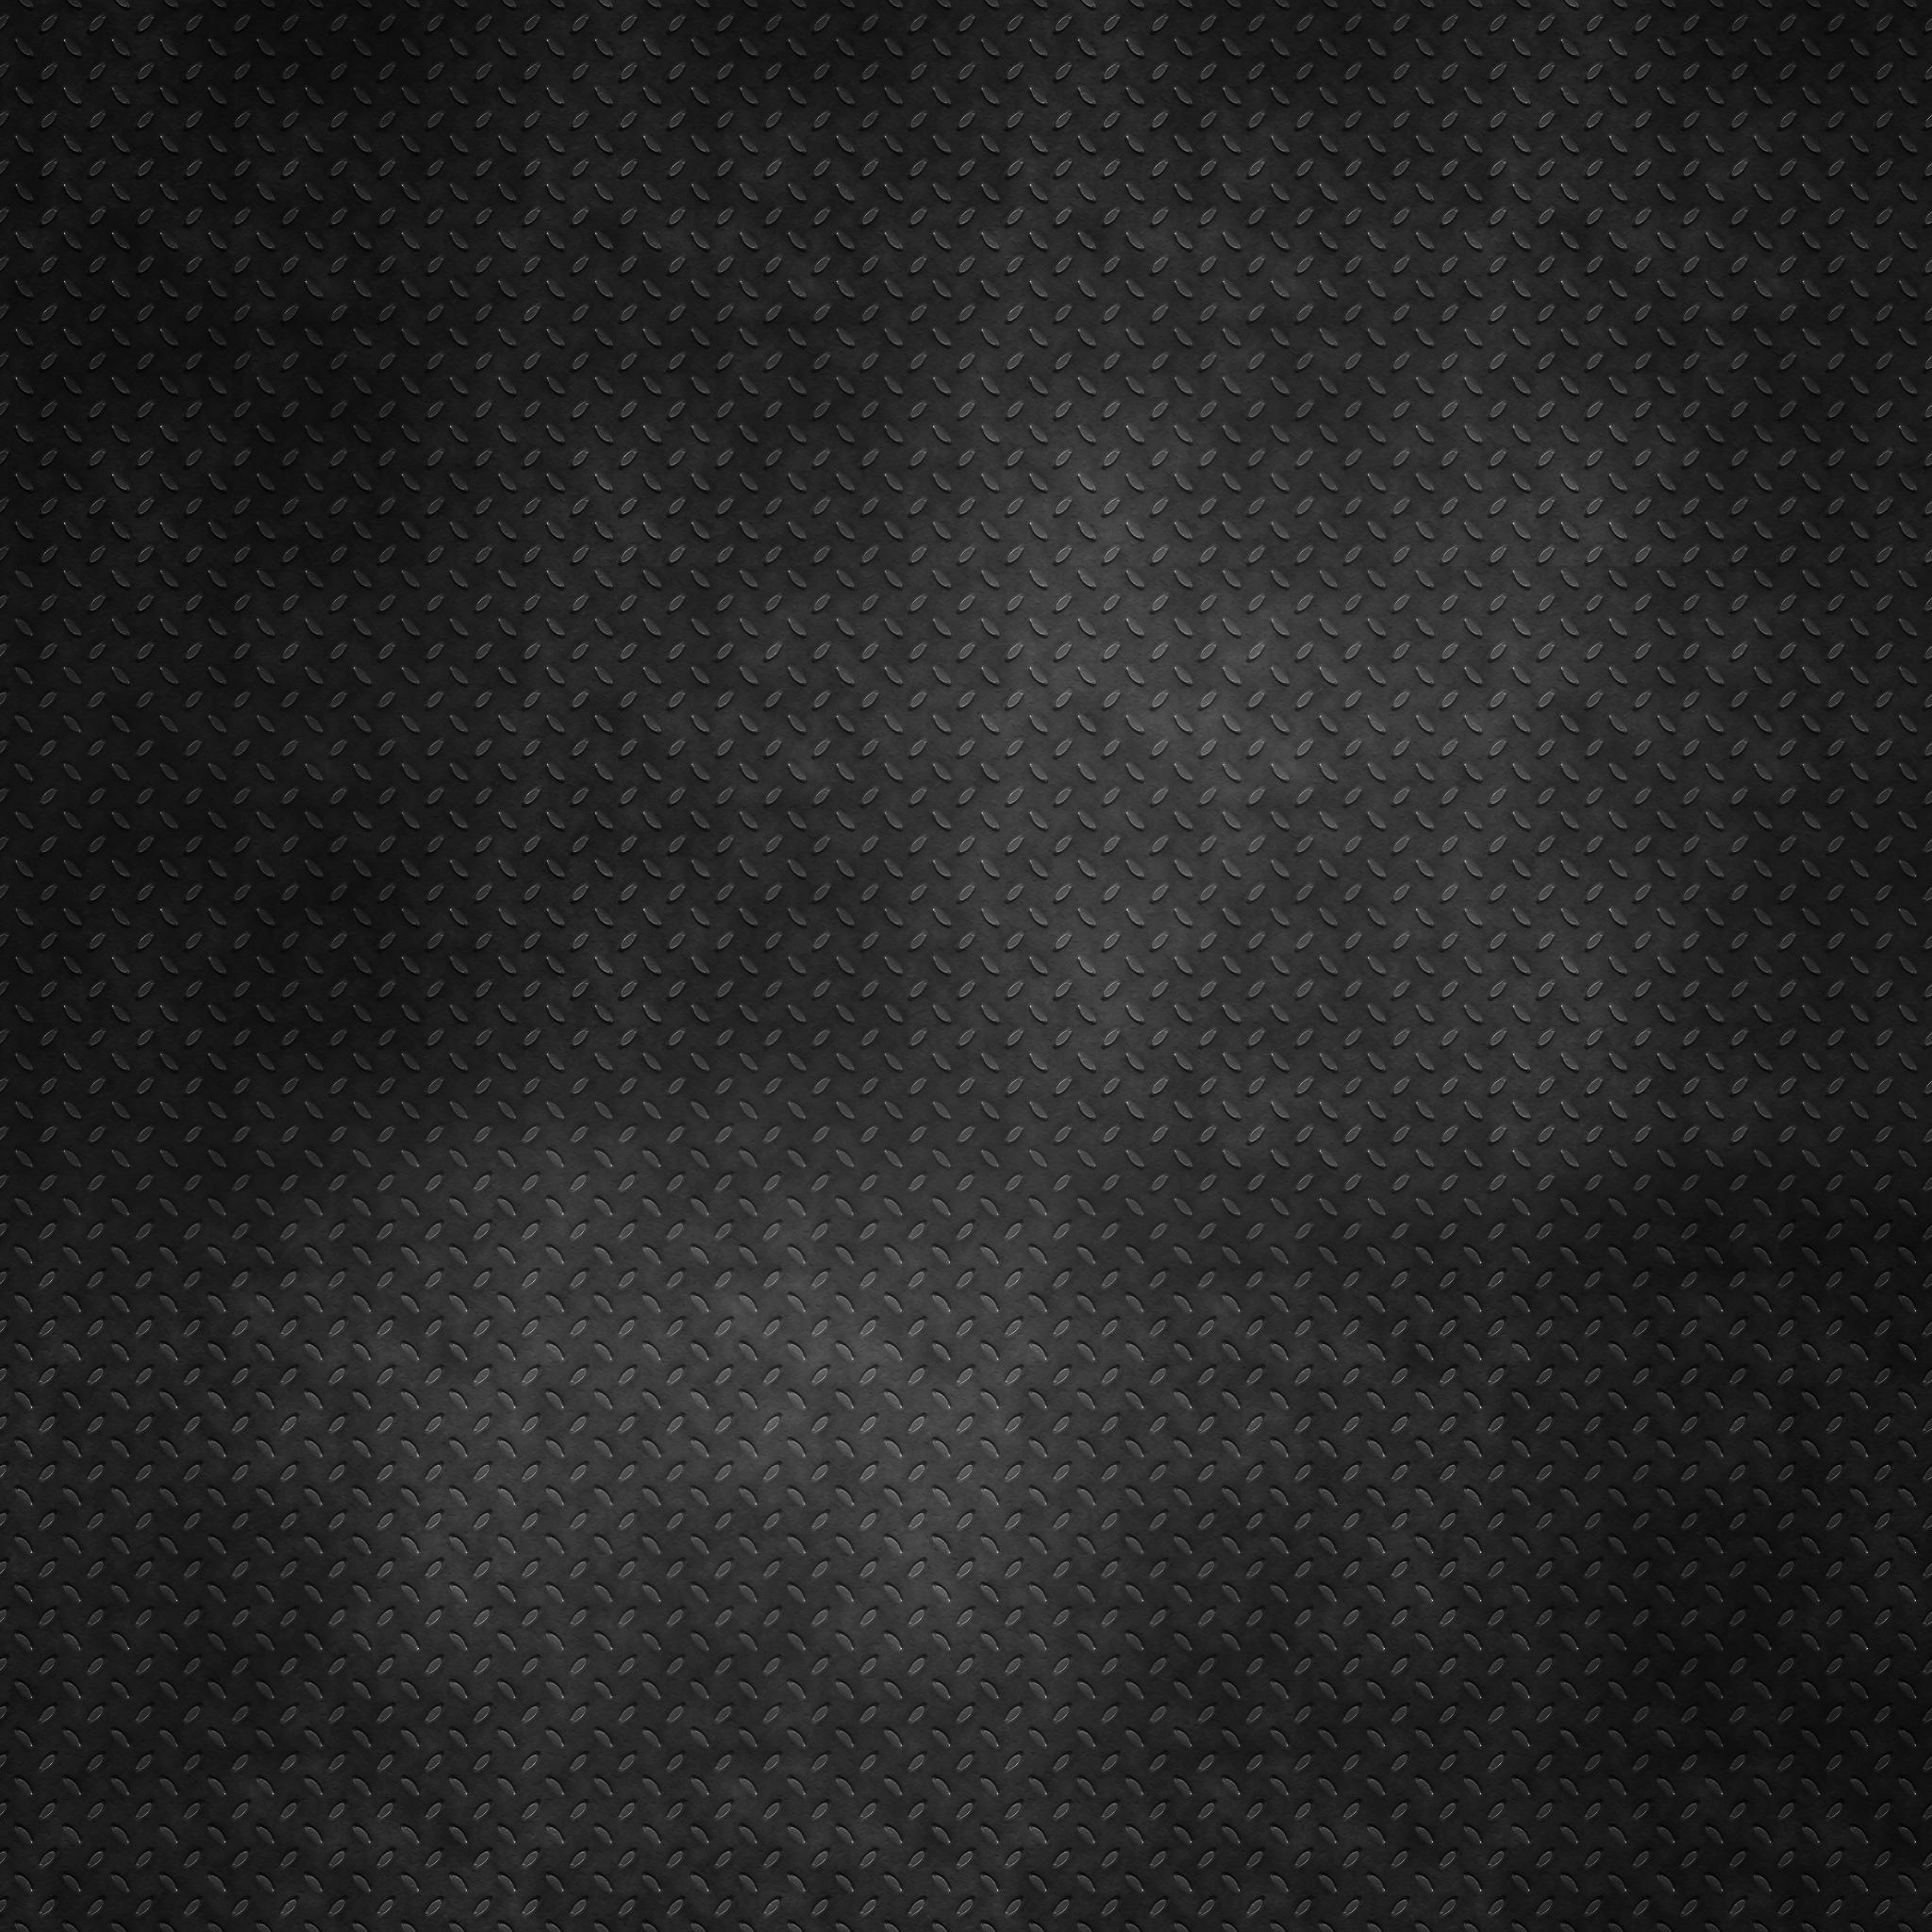 Black steel wallpaper wallpapersafari - Black metal wallpaper ...